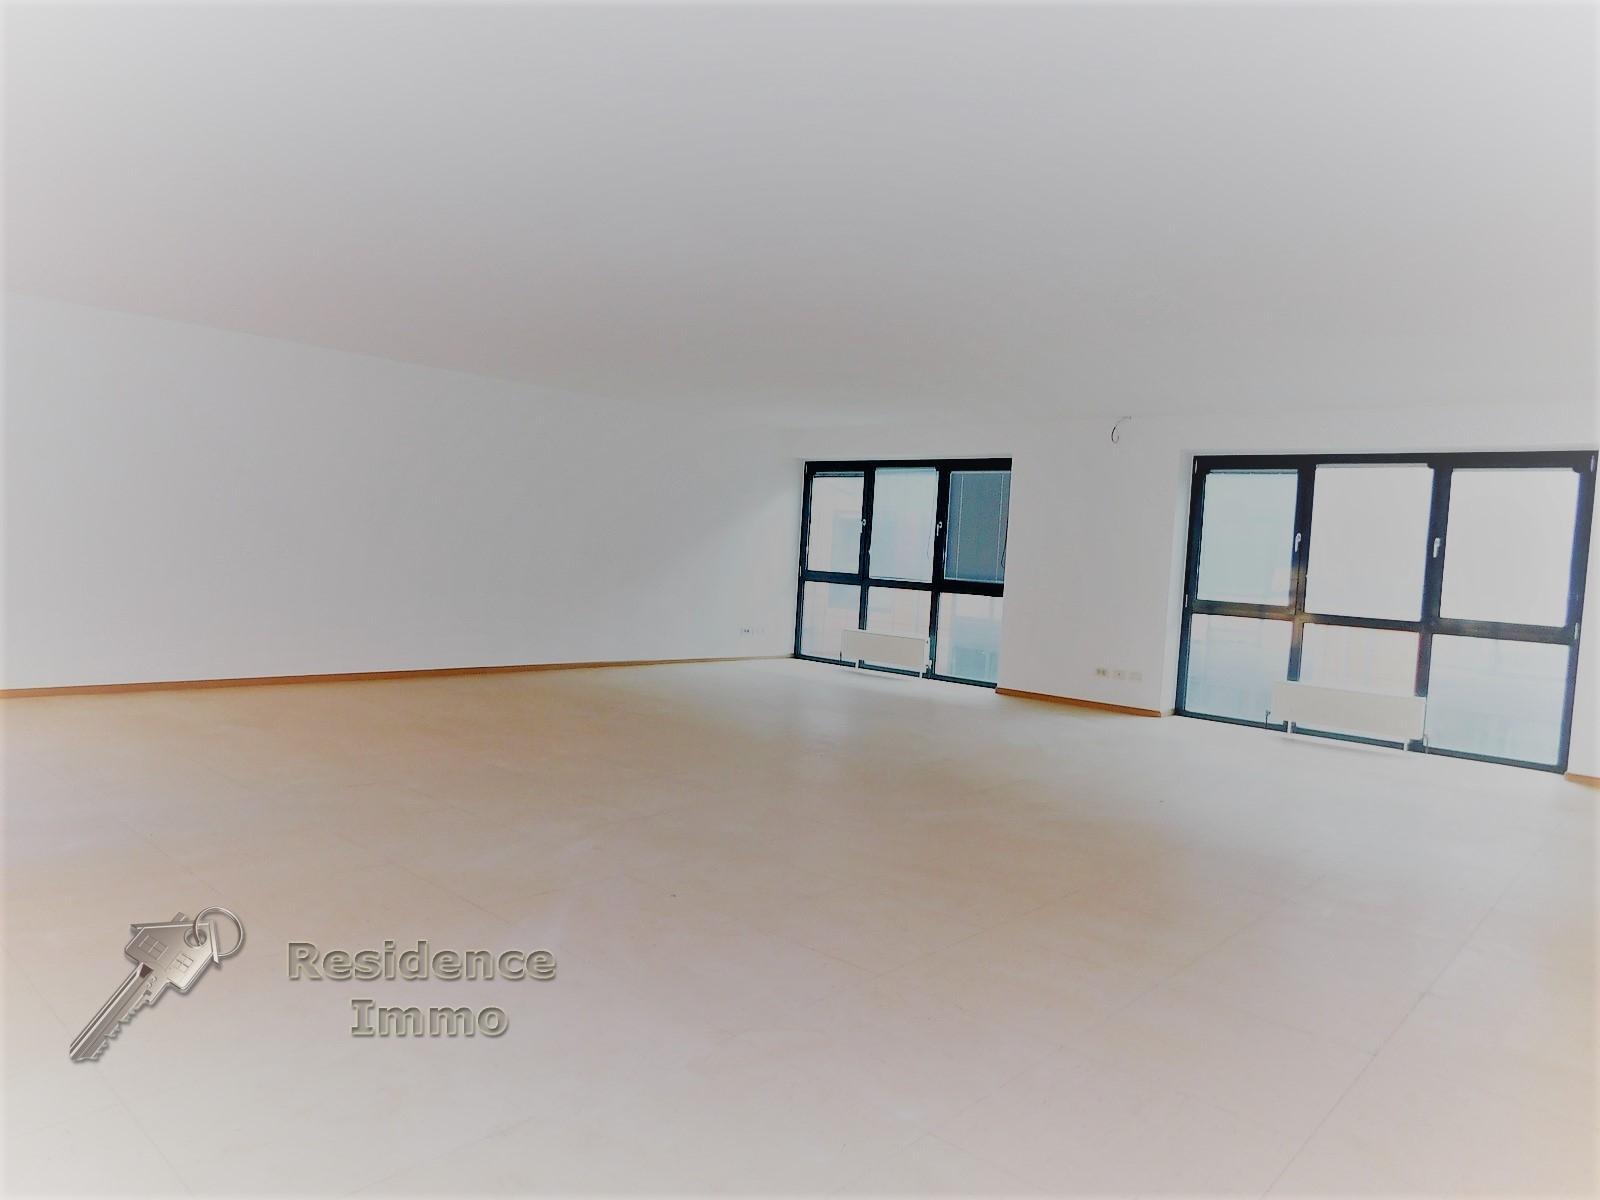 Ufficio / Studio in vendita a Lana, 9999 locali, prezzo € 350.000 | PortaleAgenzieImmobiliari.it